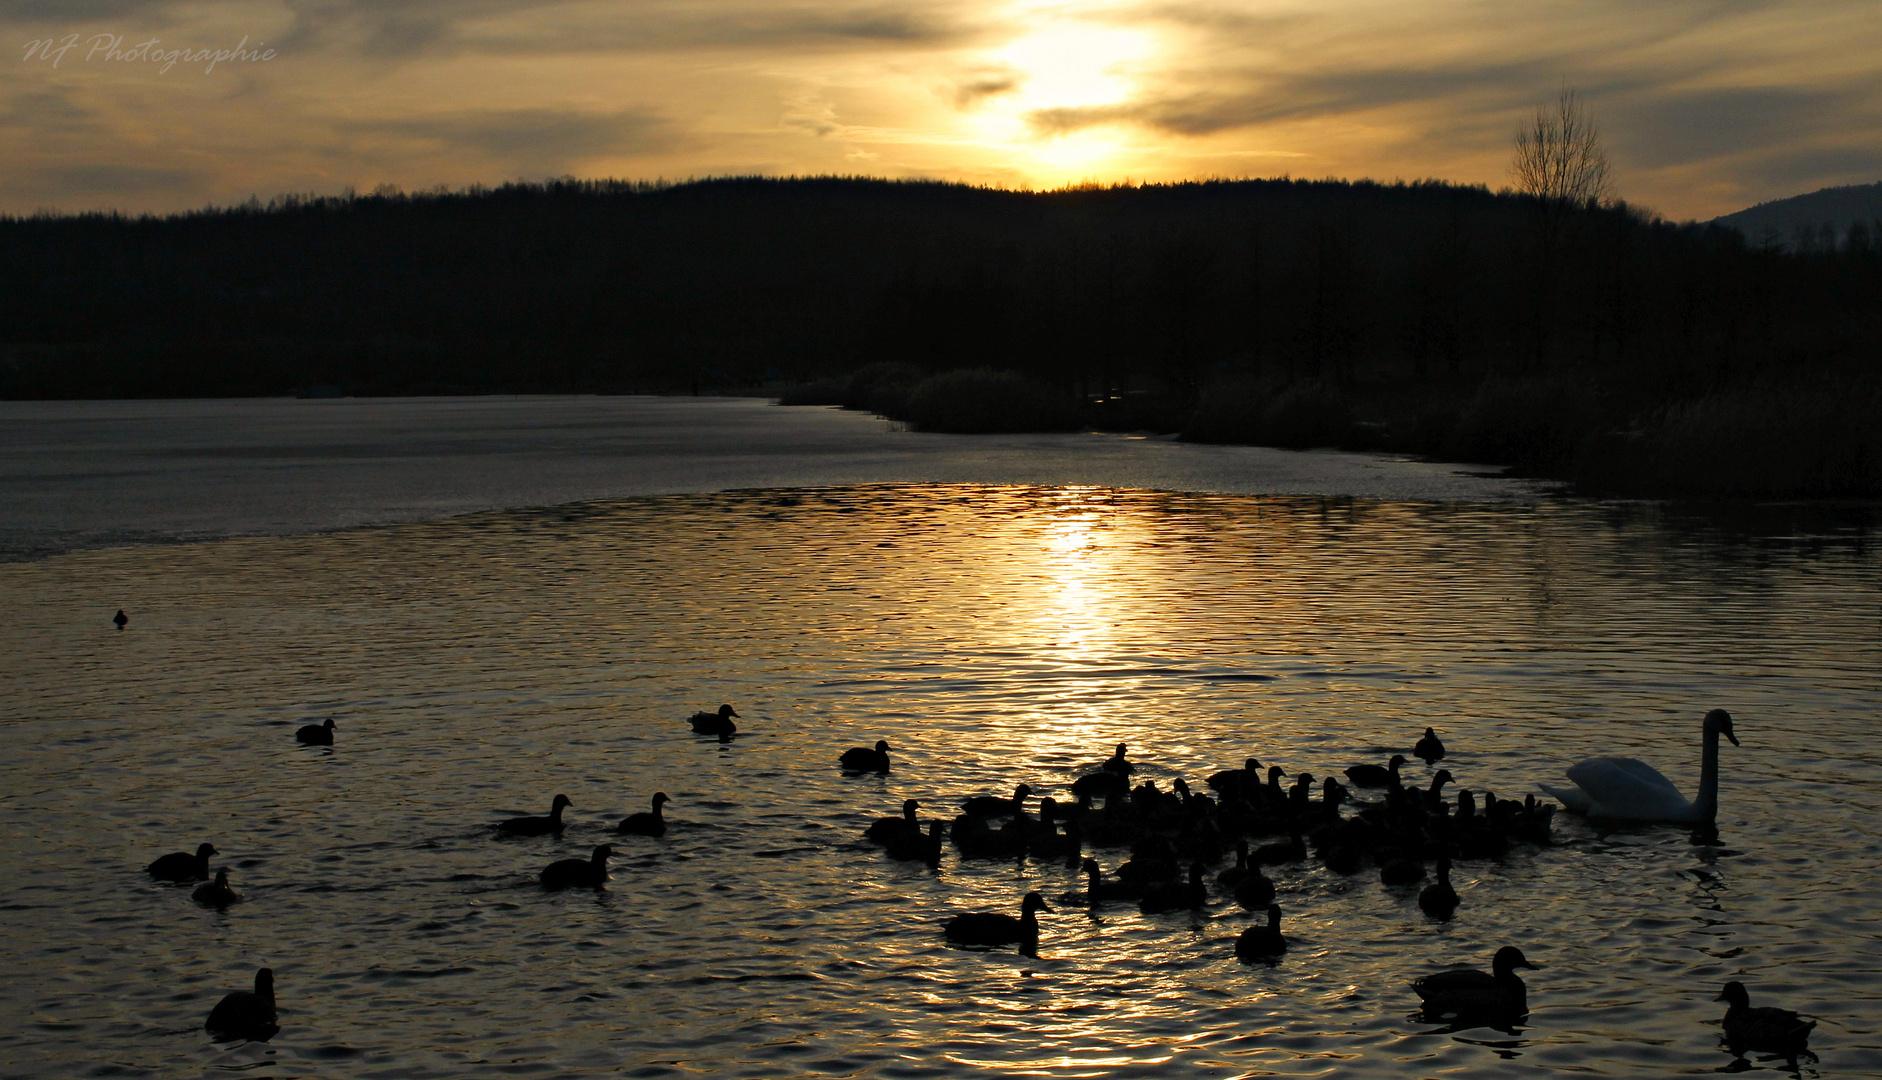 Sonnenuntergang mit Enten und einem Schwan